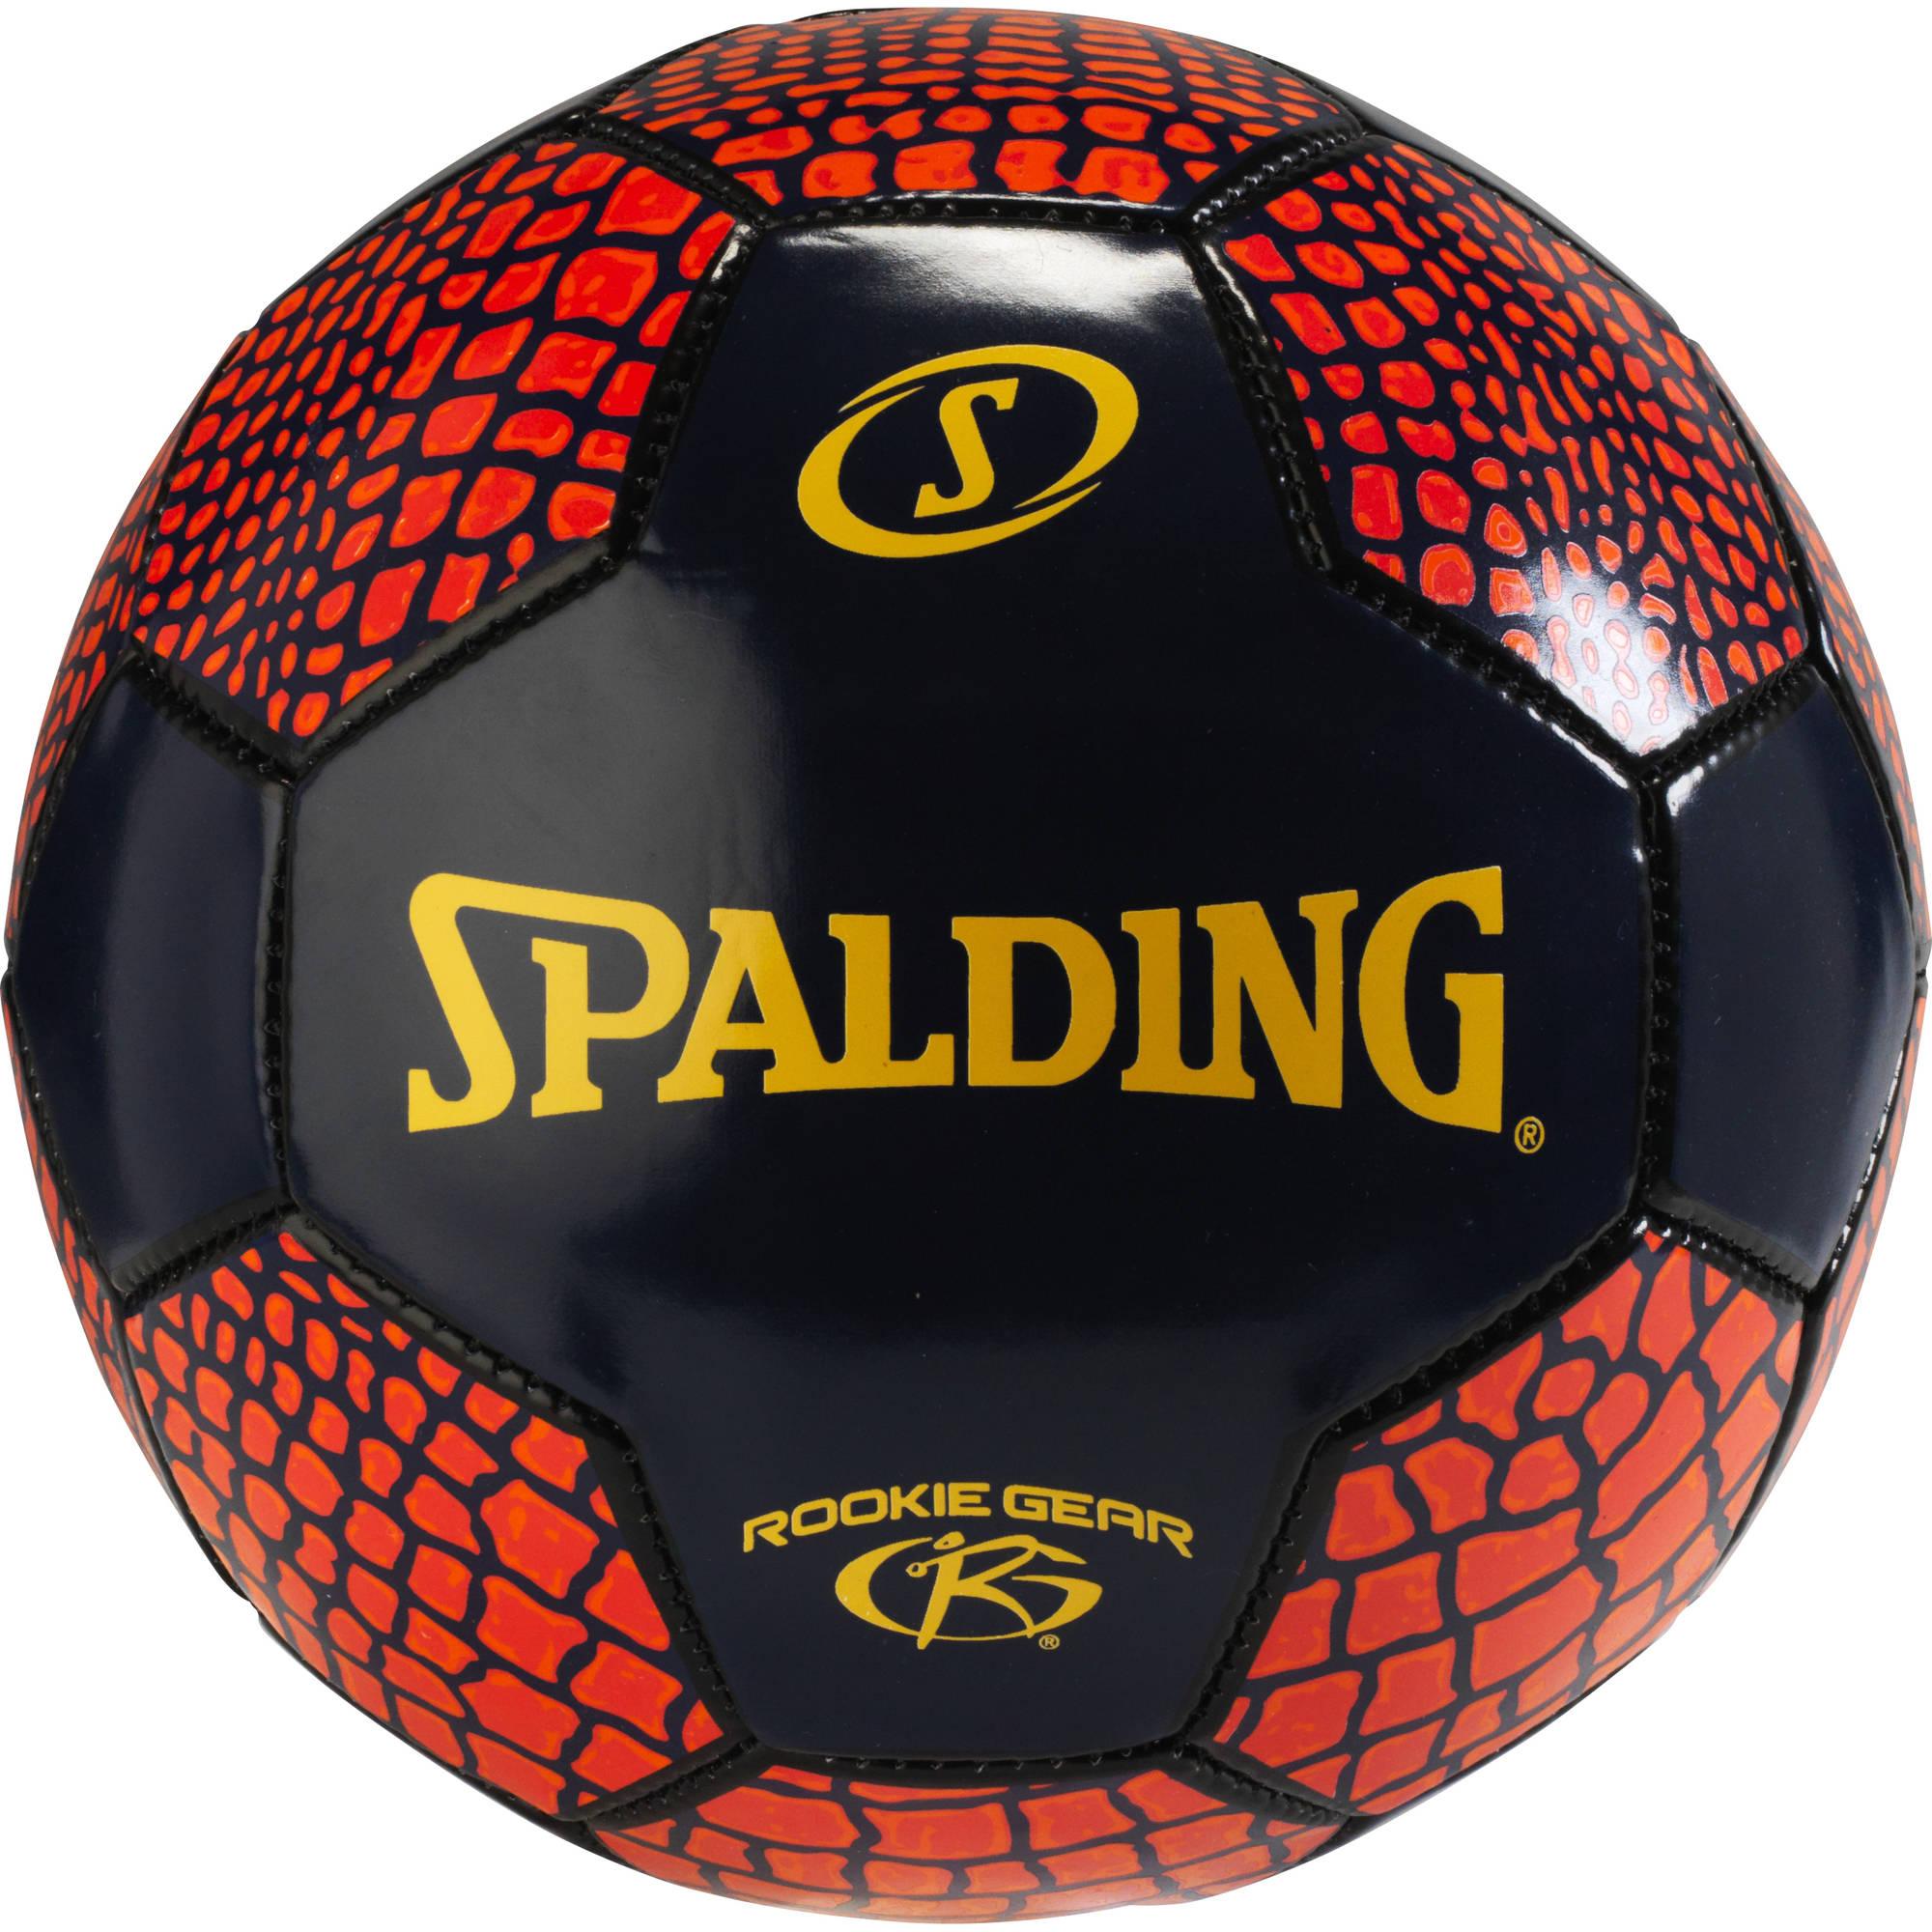 Spalding Rookie Gear Soccer, Size 3